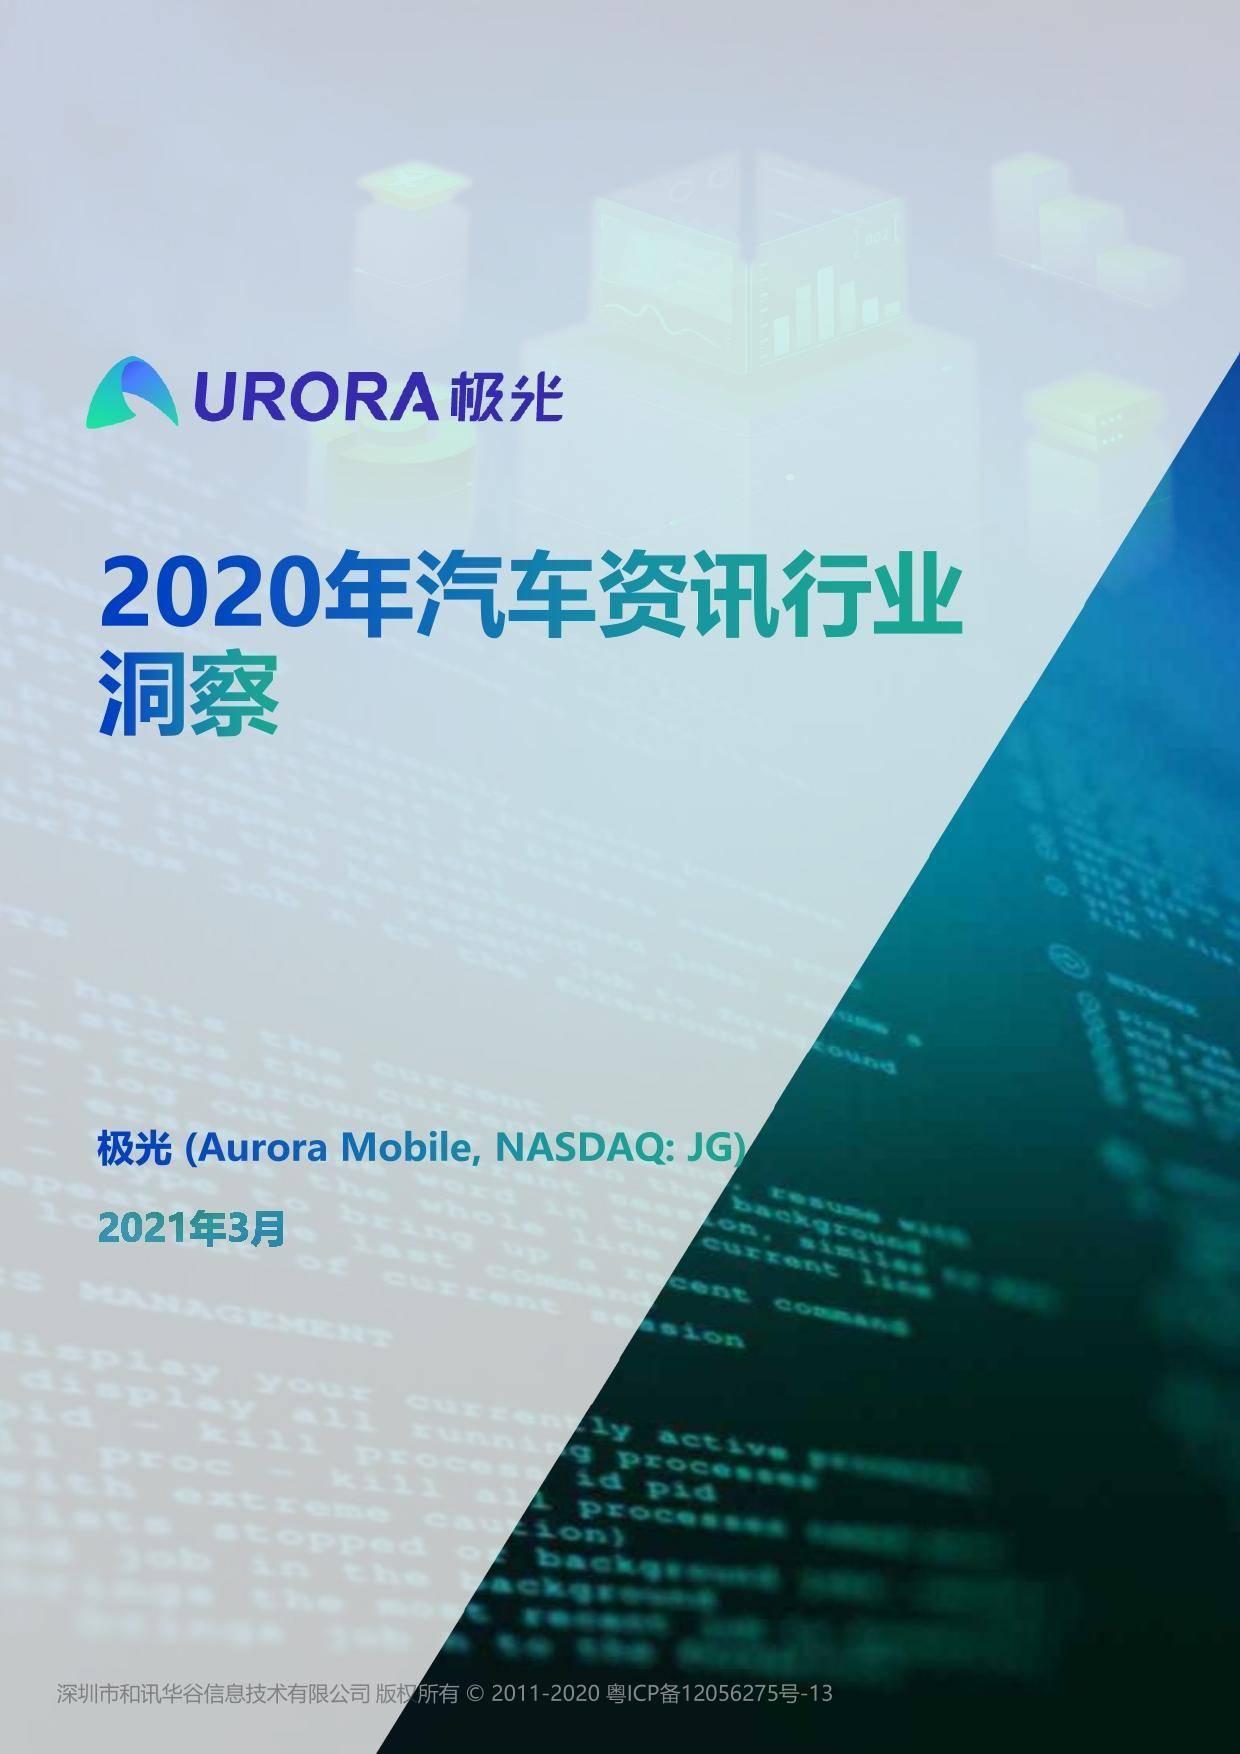 极光:2020年汽车资讯行业洞察